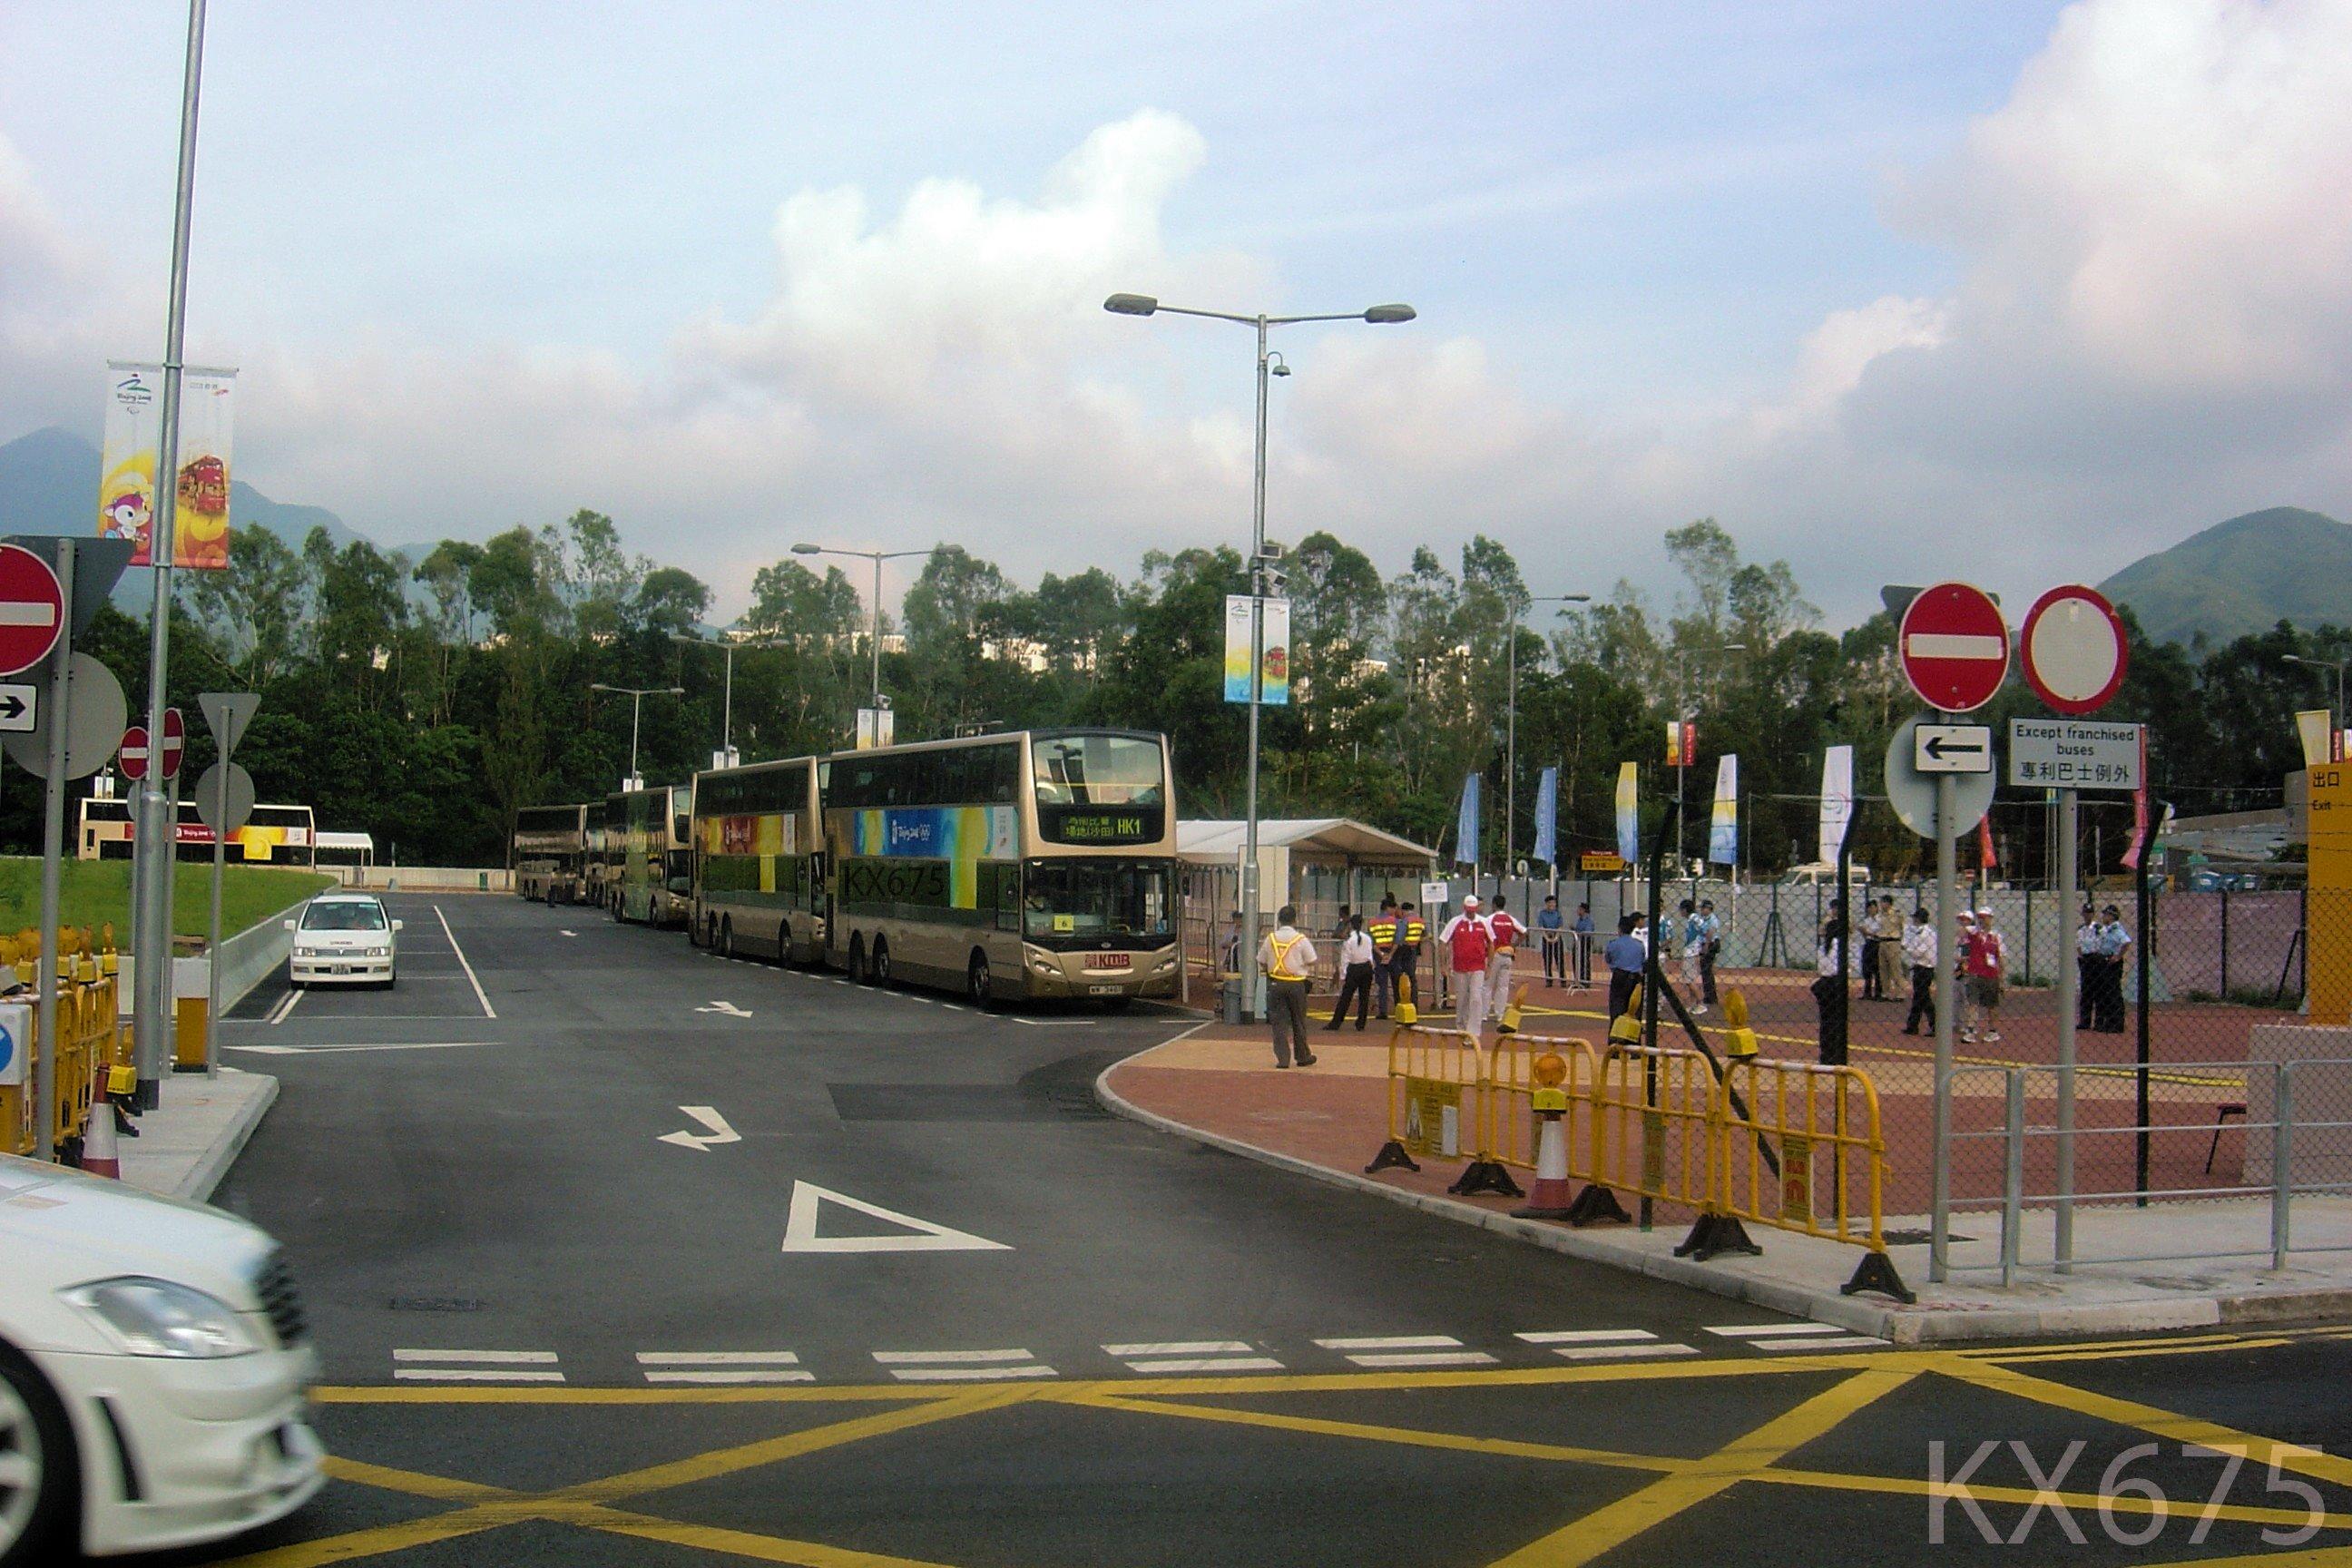 大學站臨時公共運輸交匯處